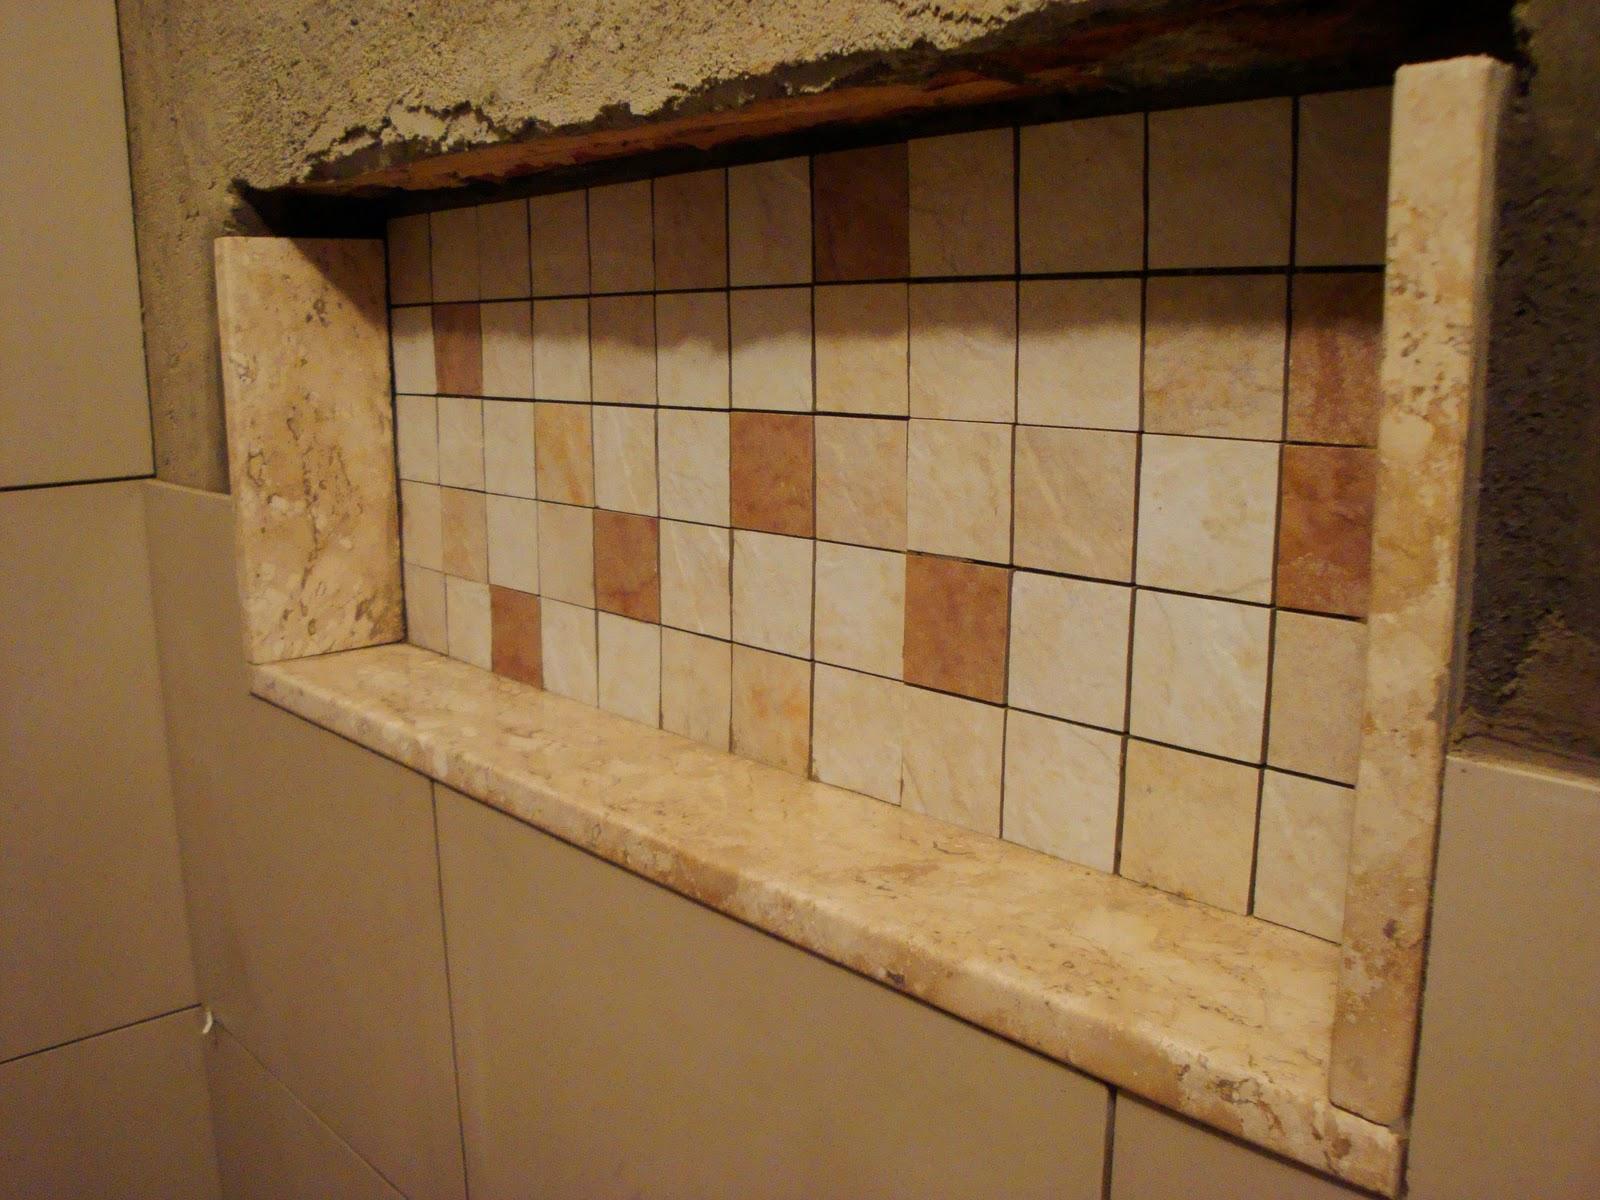 Reforma do Banheiro: Nicho para o Banheiro #332010 1600x1200 Banheiro Container Bahia